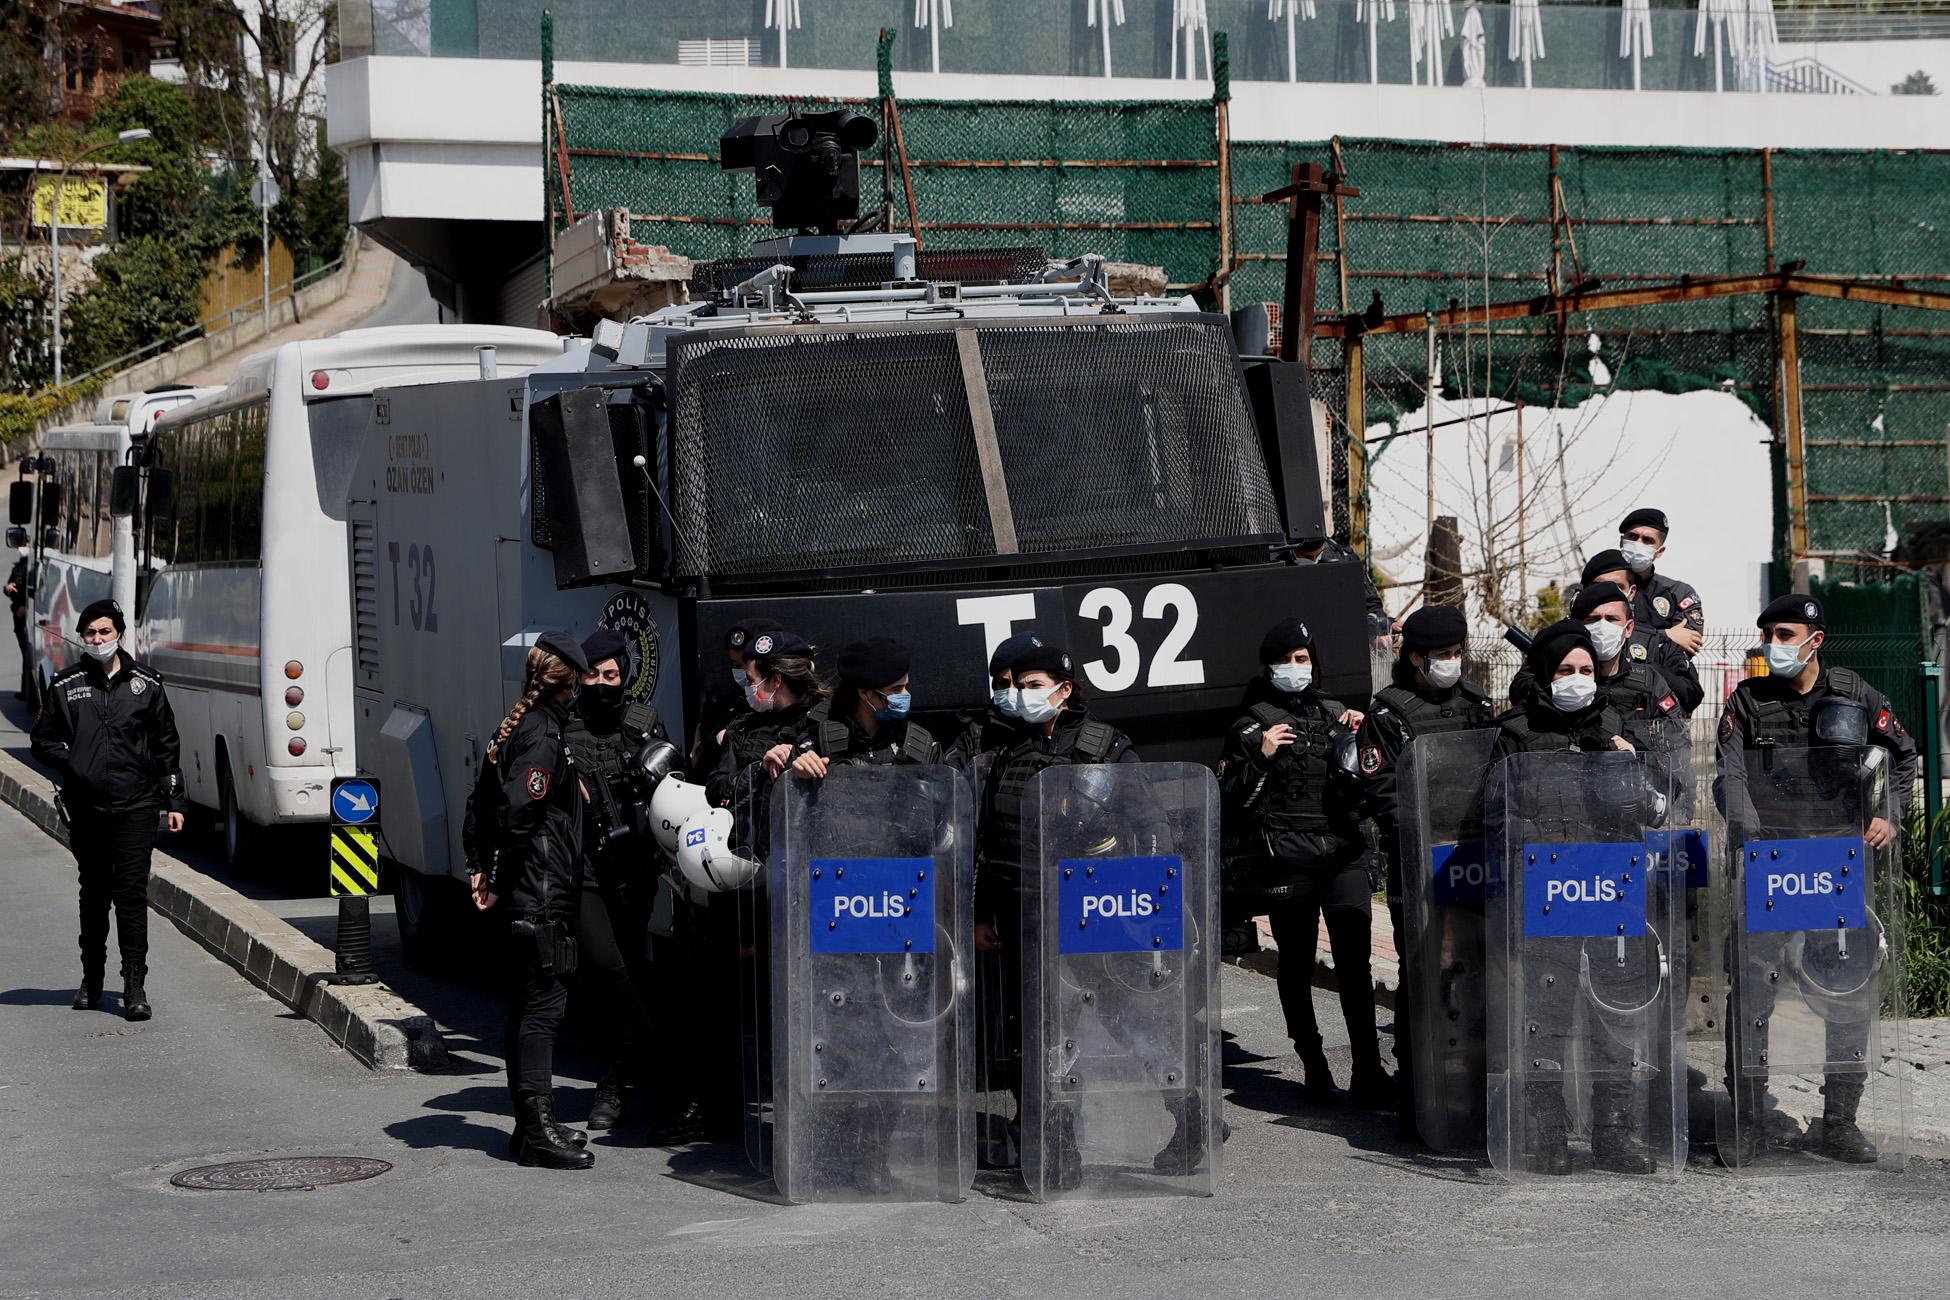 Τουρκία: 62 συλλήψεις μετά από μηνύσεις πλατφόρμα συναλλαγής κρυπτονομισμάτων